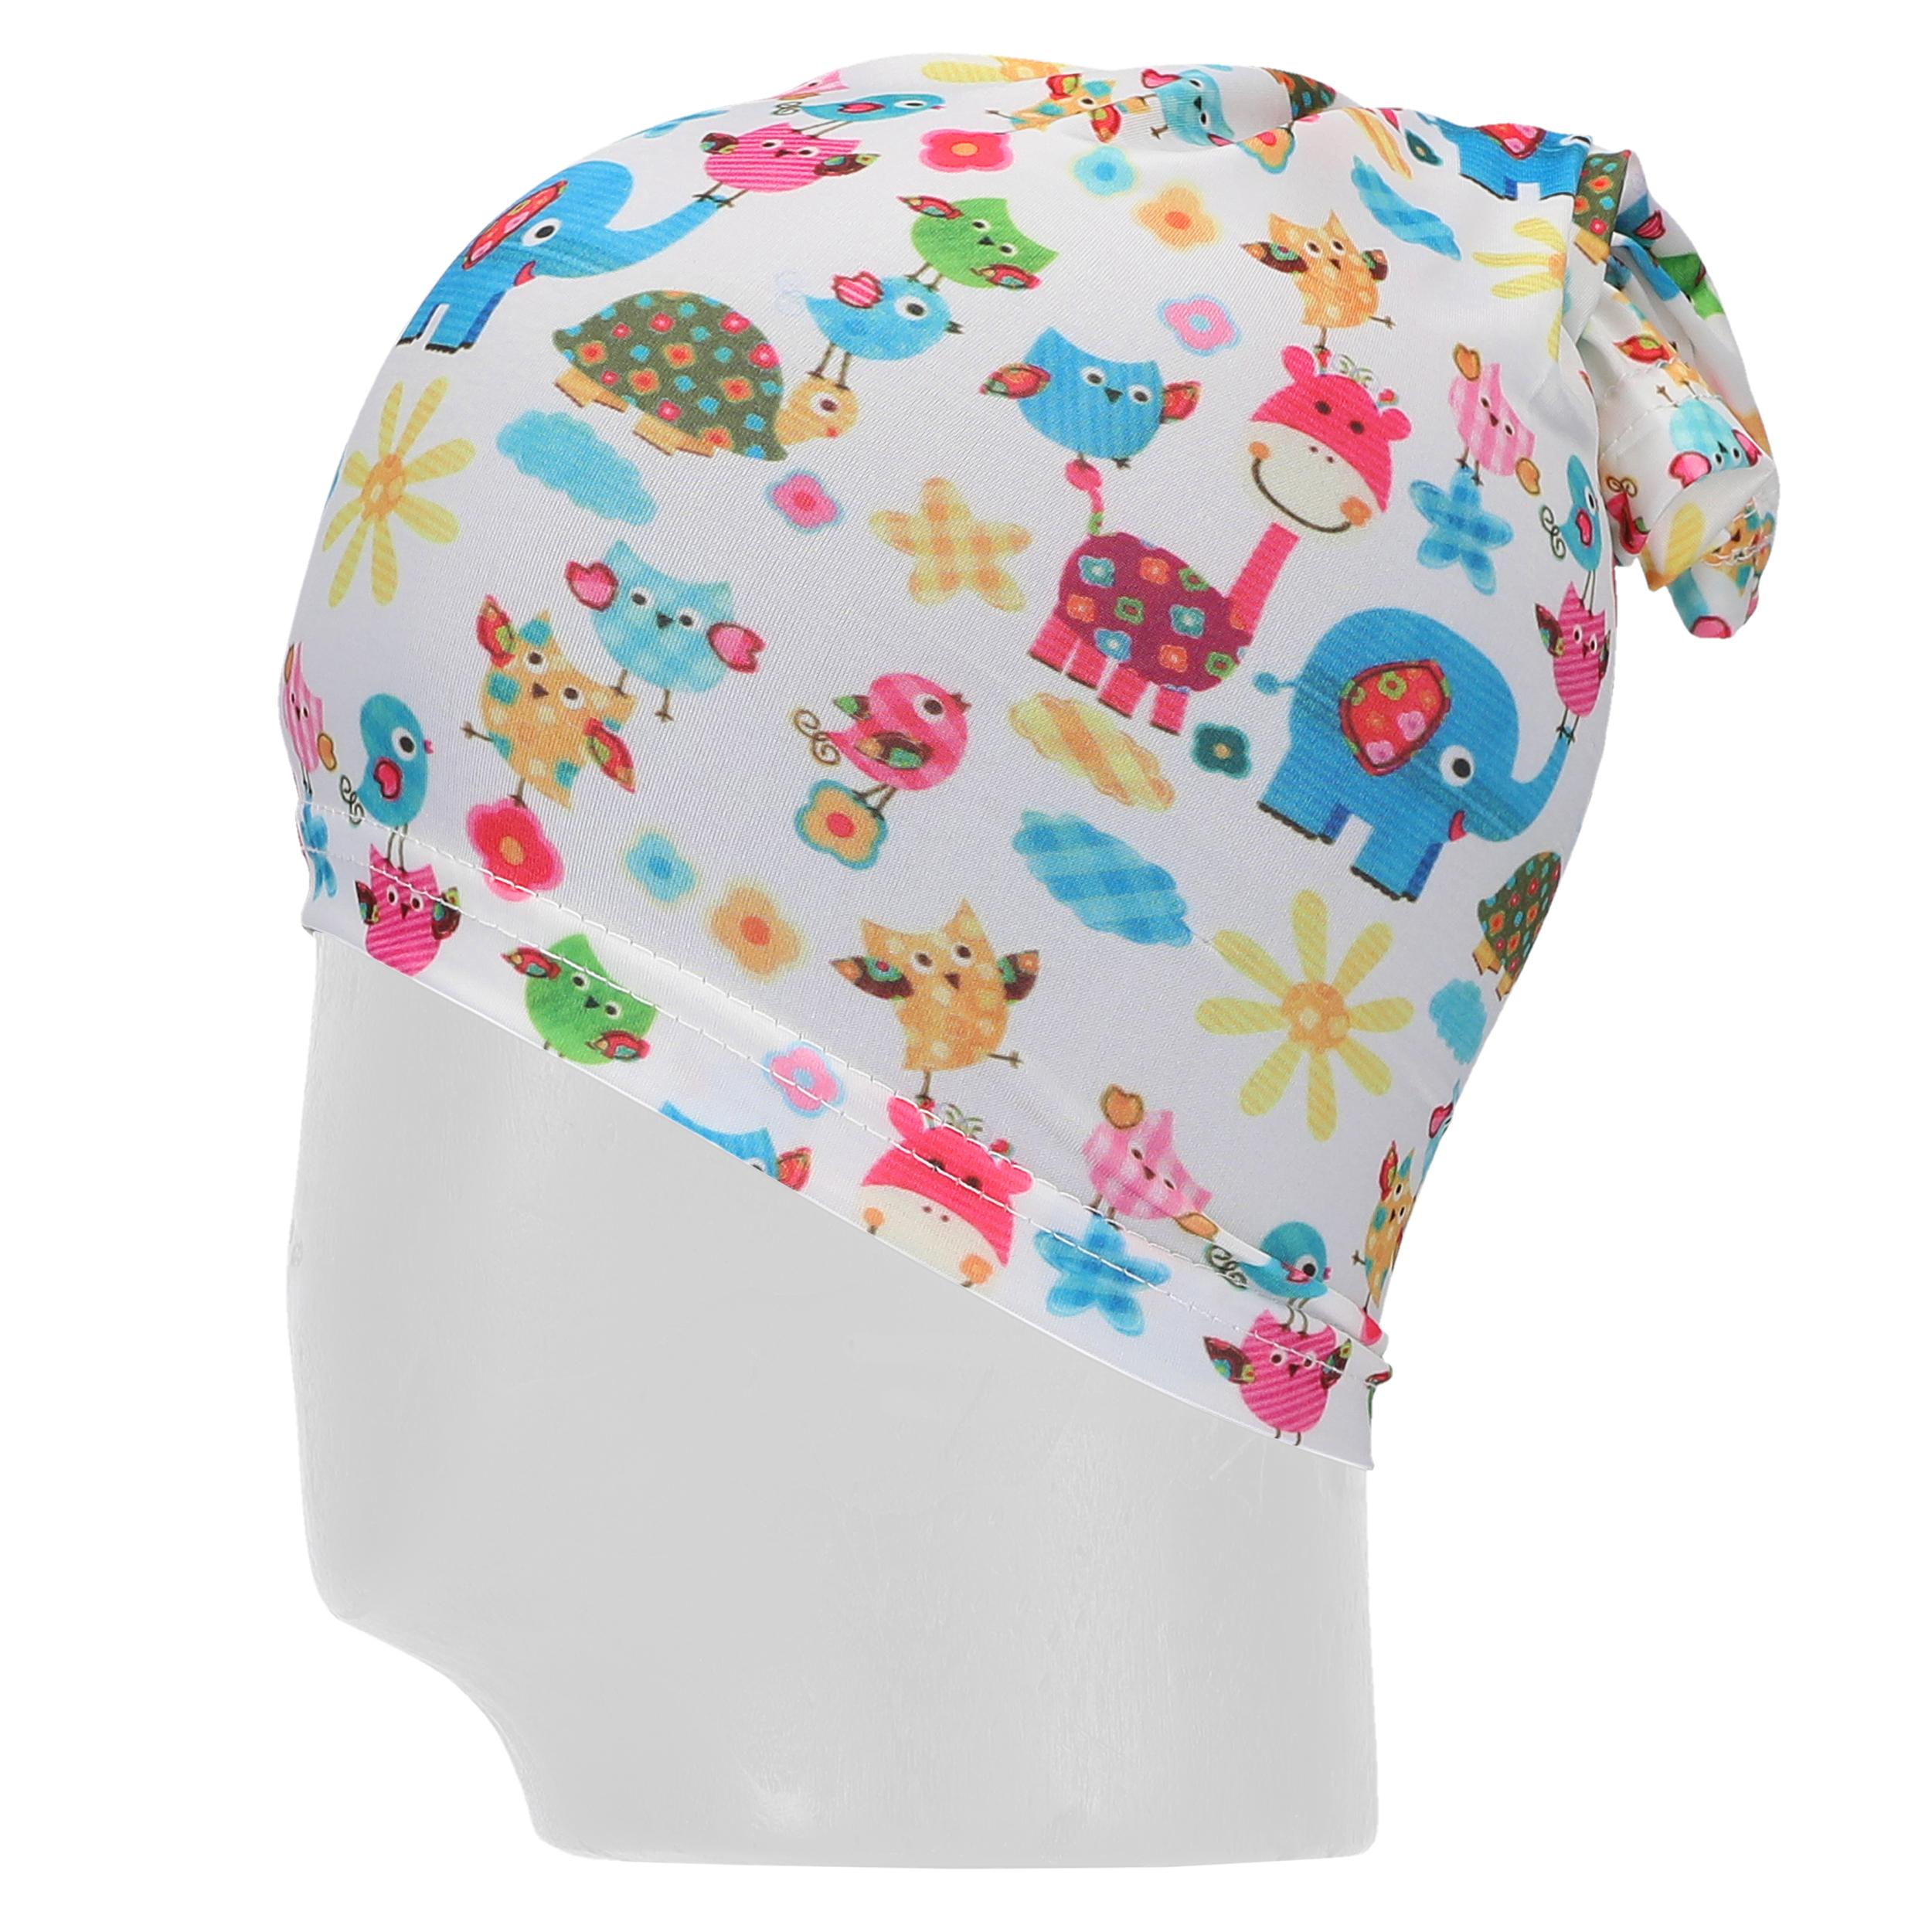 Indexbild 115 - Kinder Schlauchschal Maske Gesichtsmaske Mund Nase Bedeckung Halstuch waschbar